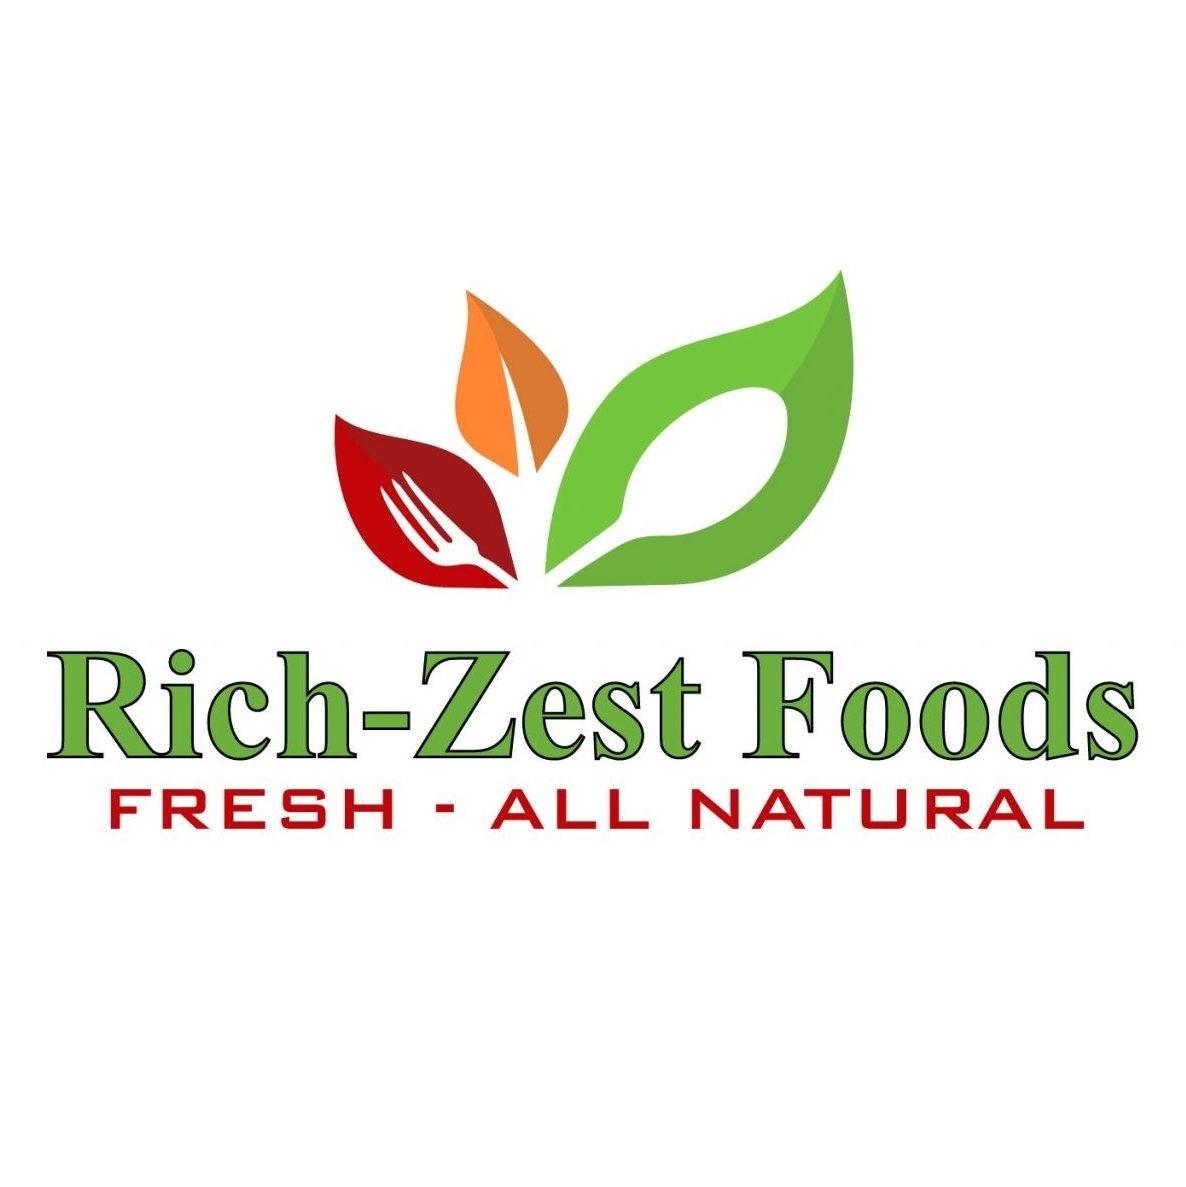 Rich-Zest Foods